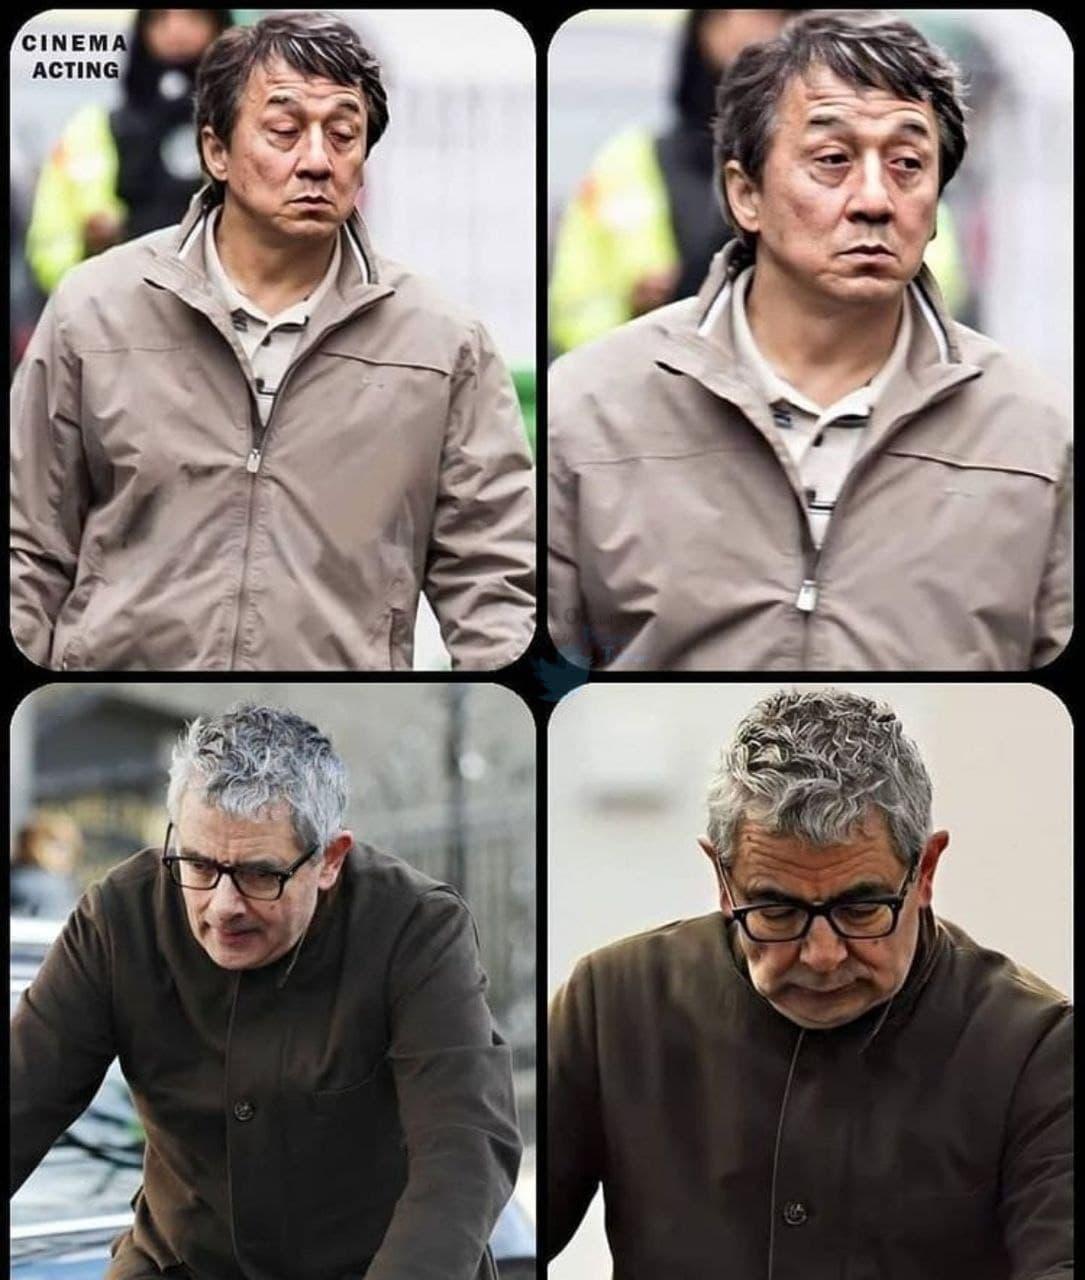 چهره پیر و شکسته بازیگر معروف همه را متعجب کرد+عکس